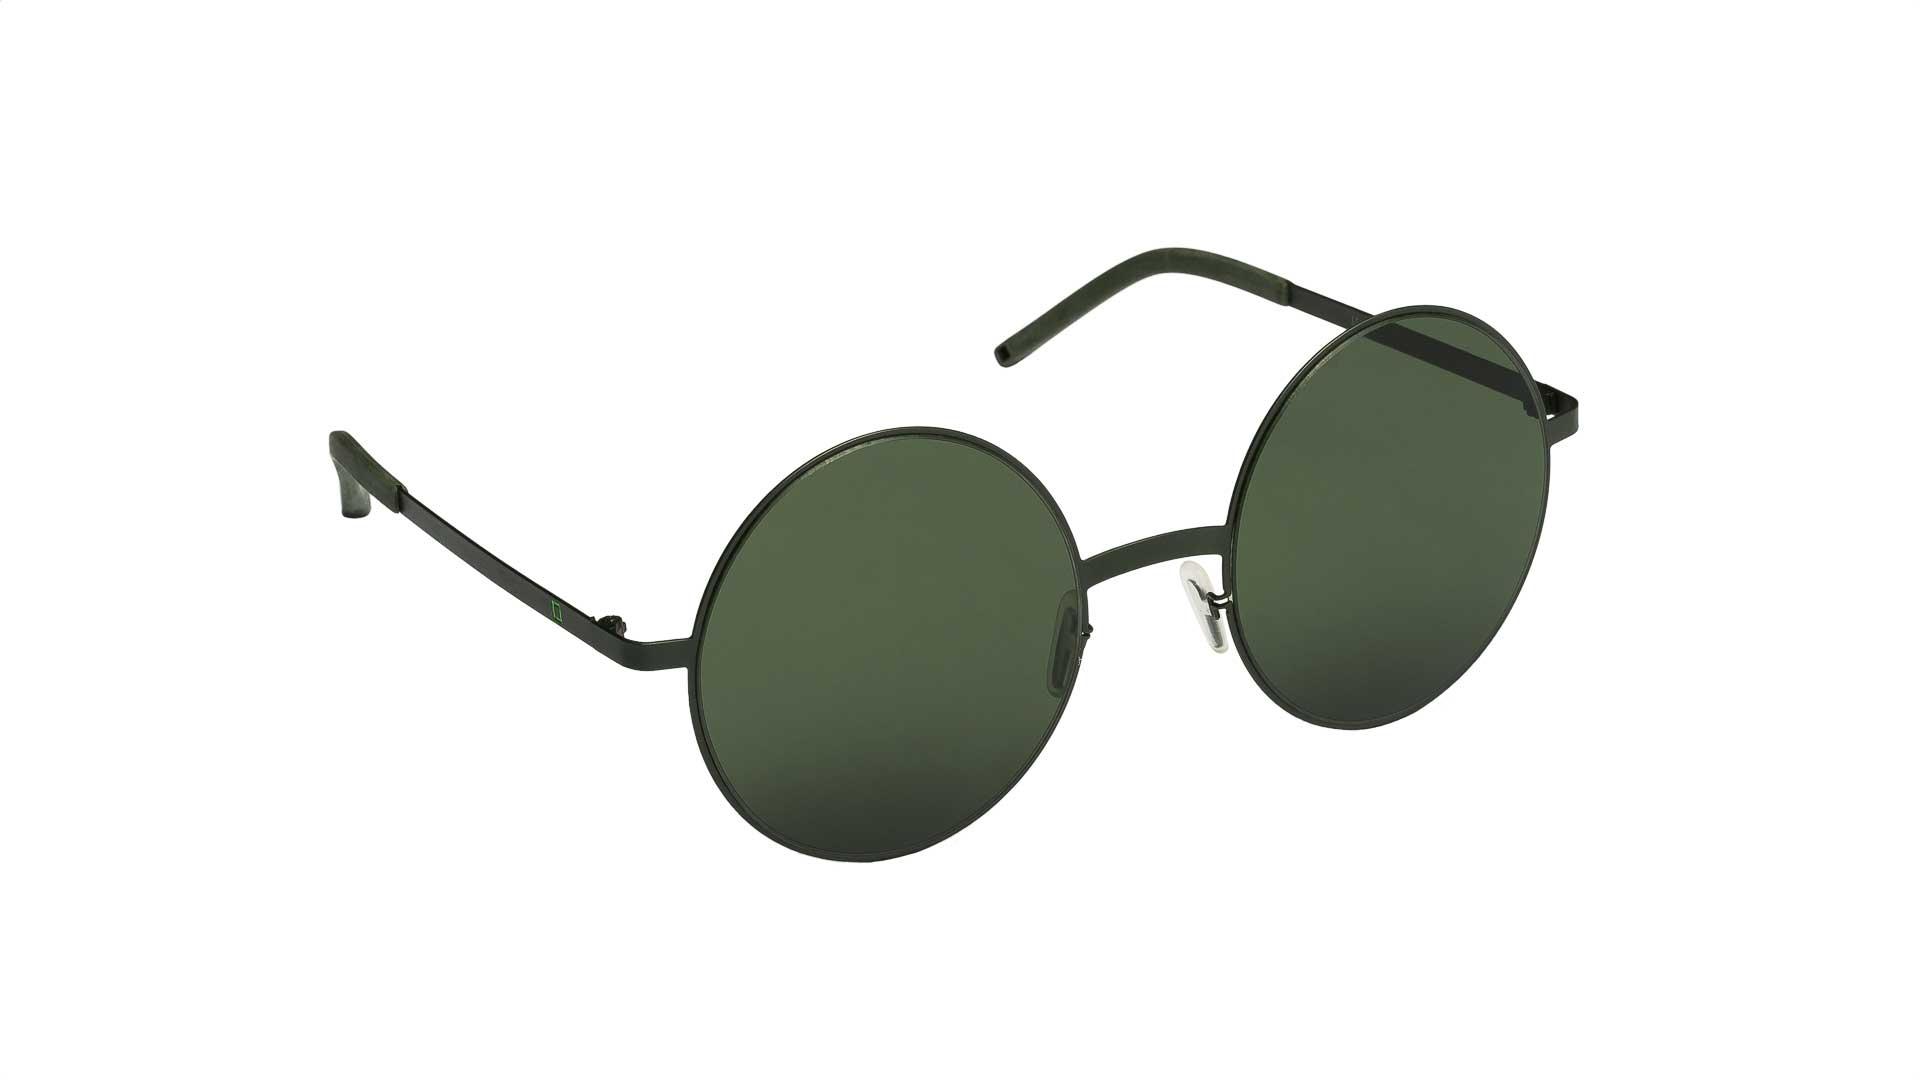 Occhiali da sole Mediterraneo colore verde